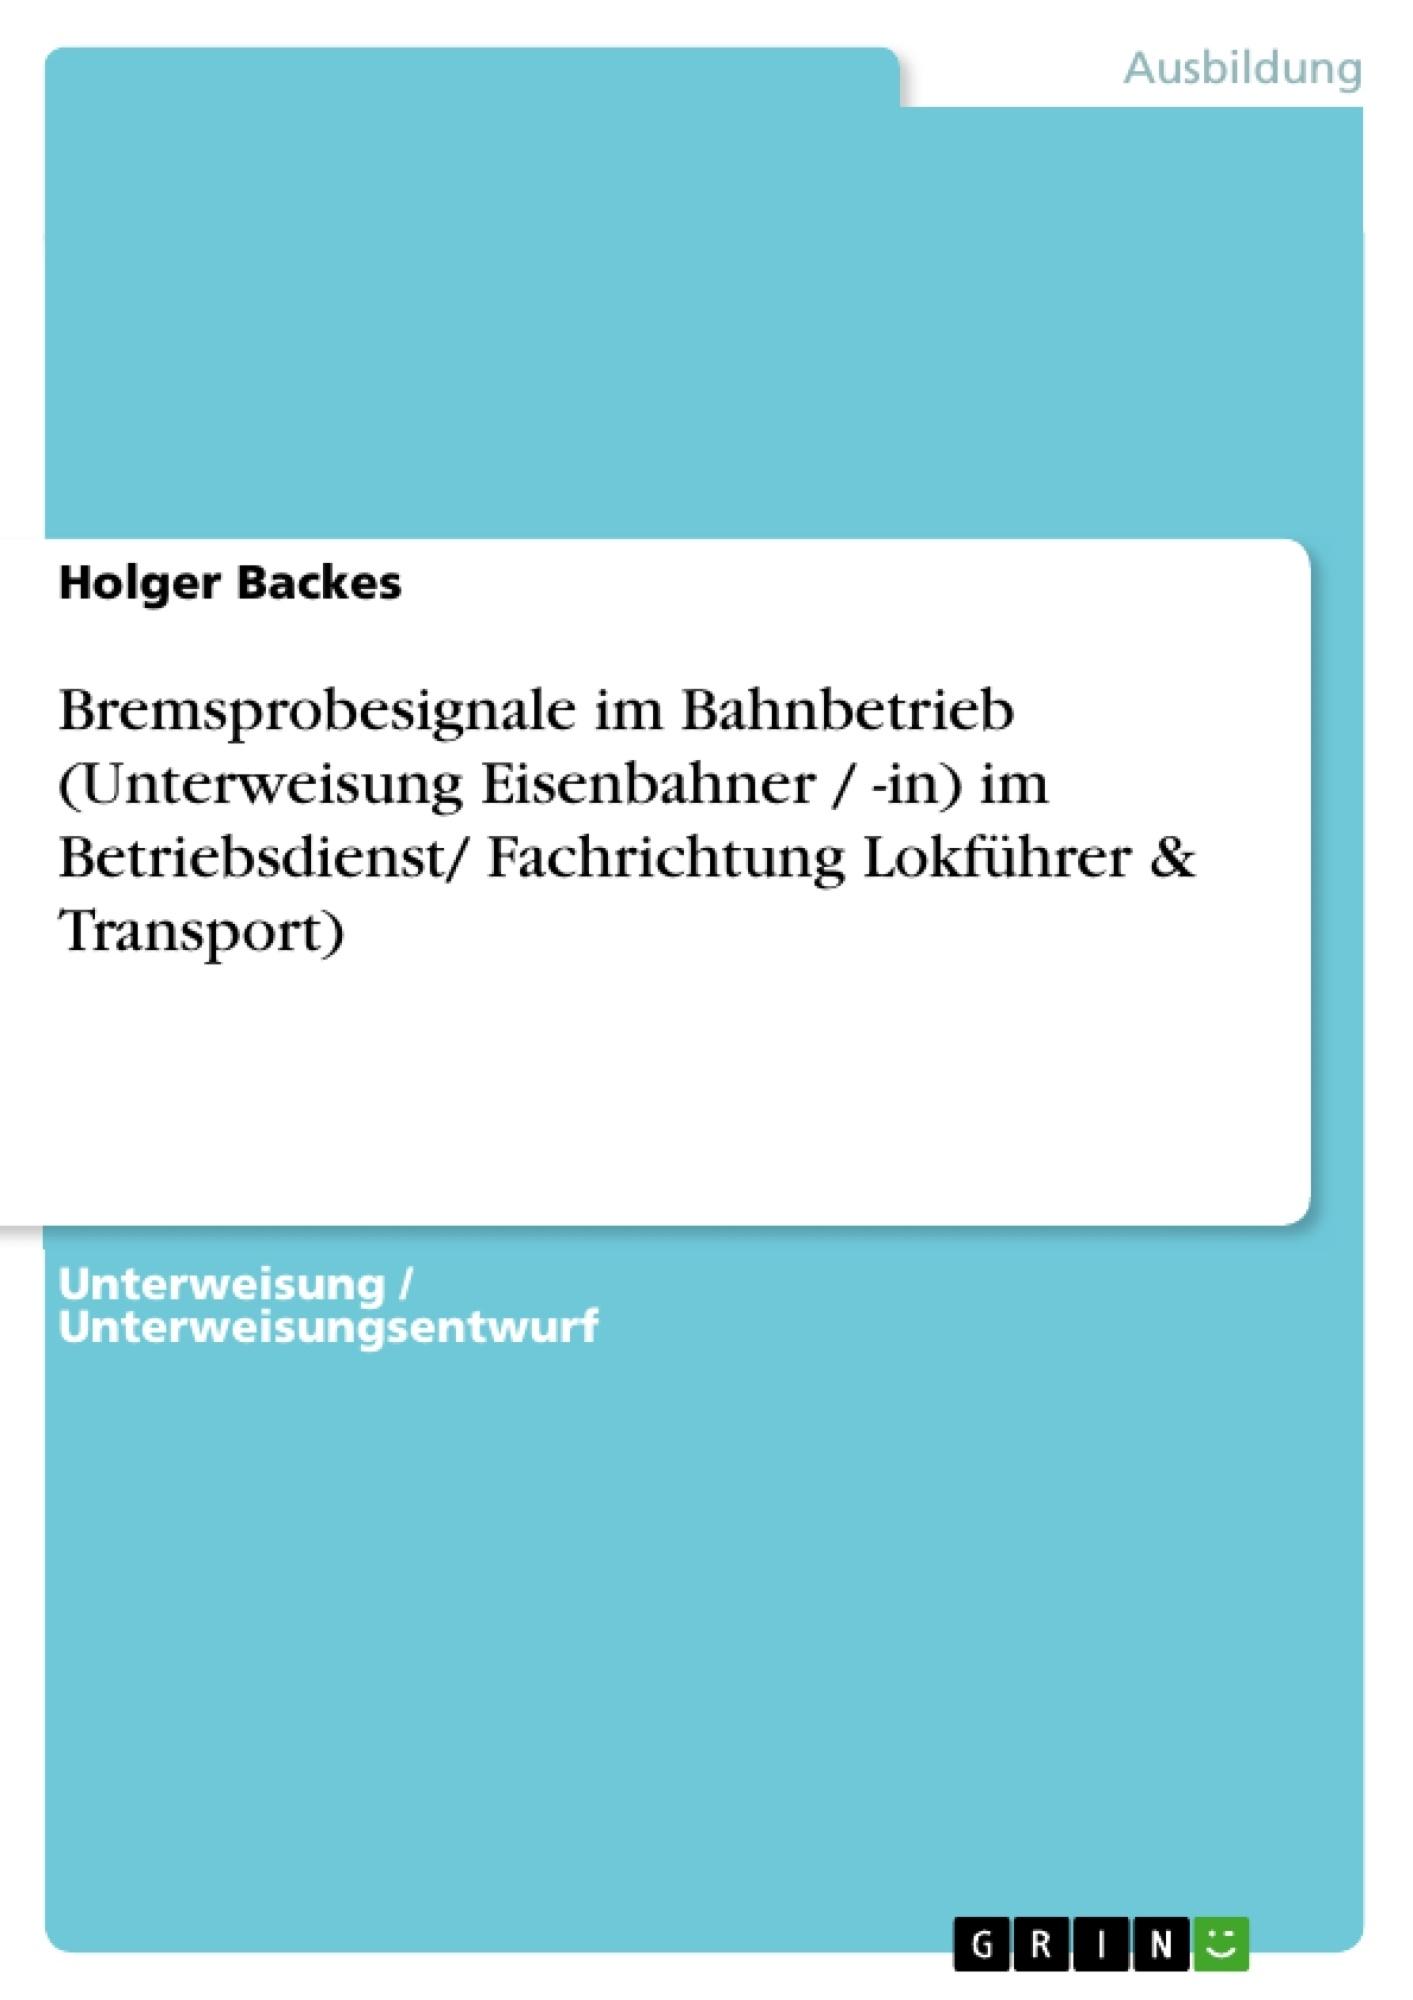 Titel: Bremsprobesignale im Bahnbetrieb (Unterweisung Eisenbahner / -in) im Betriebsdienst/ Fachrichtung Lokführer & Transport)